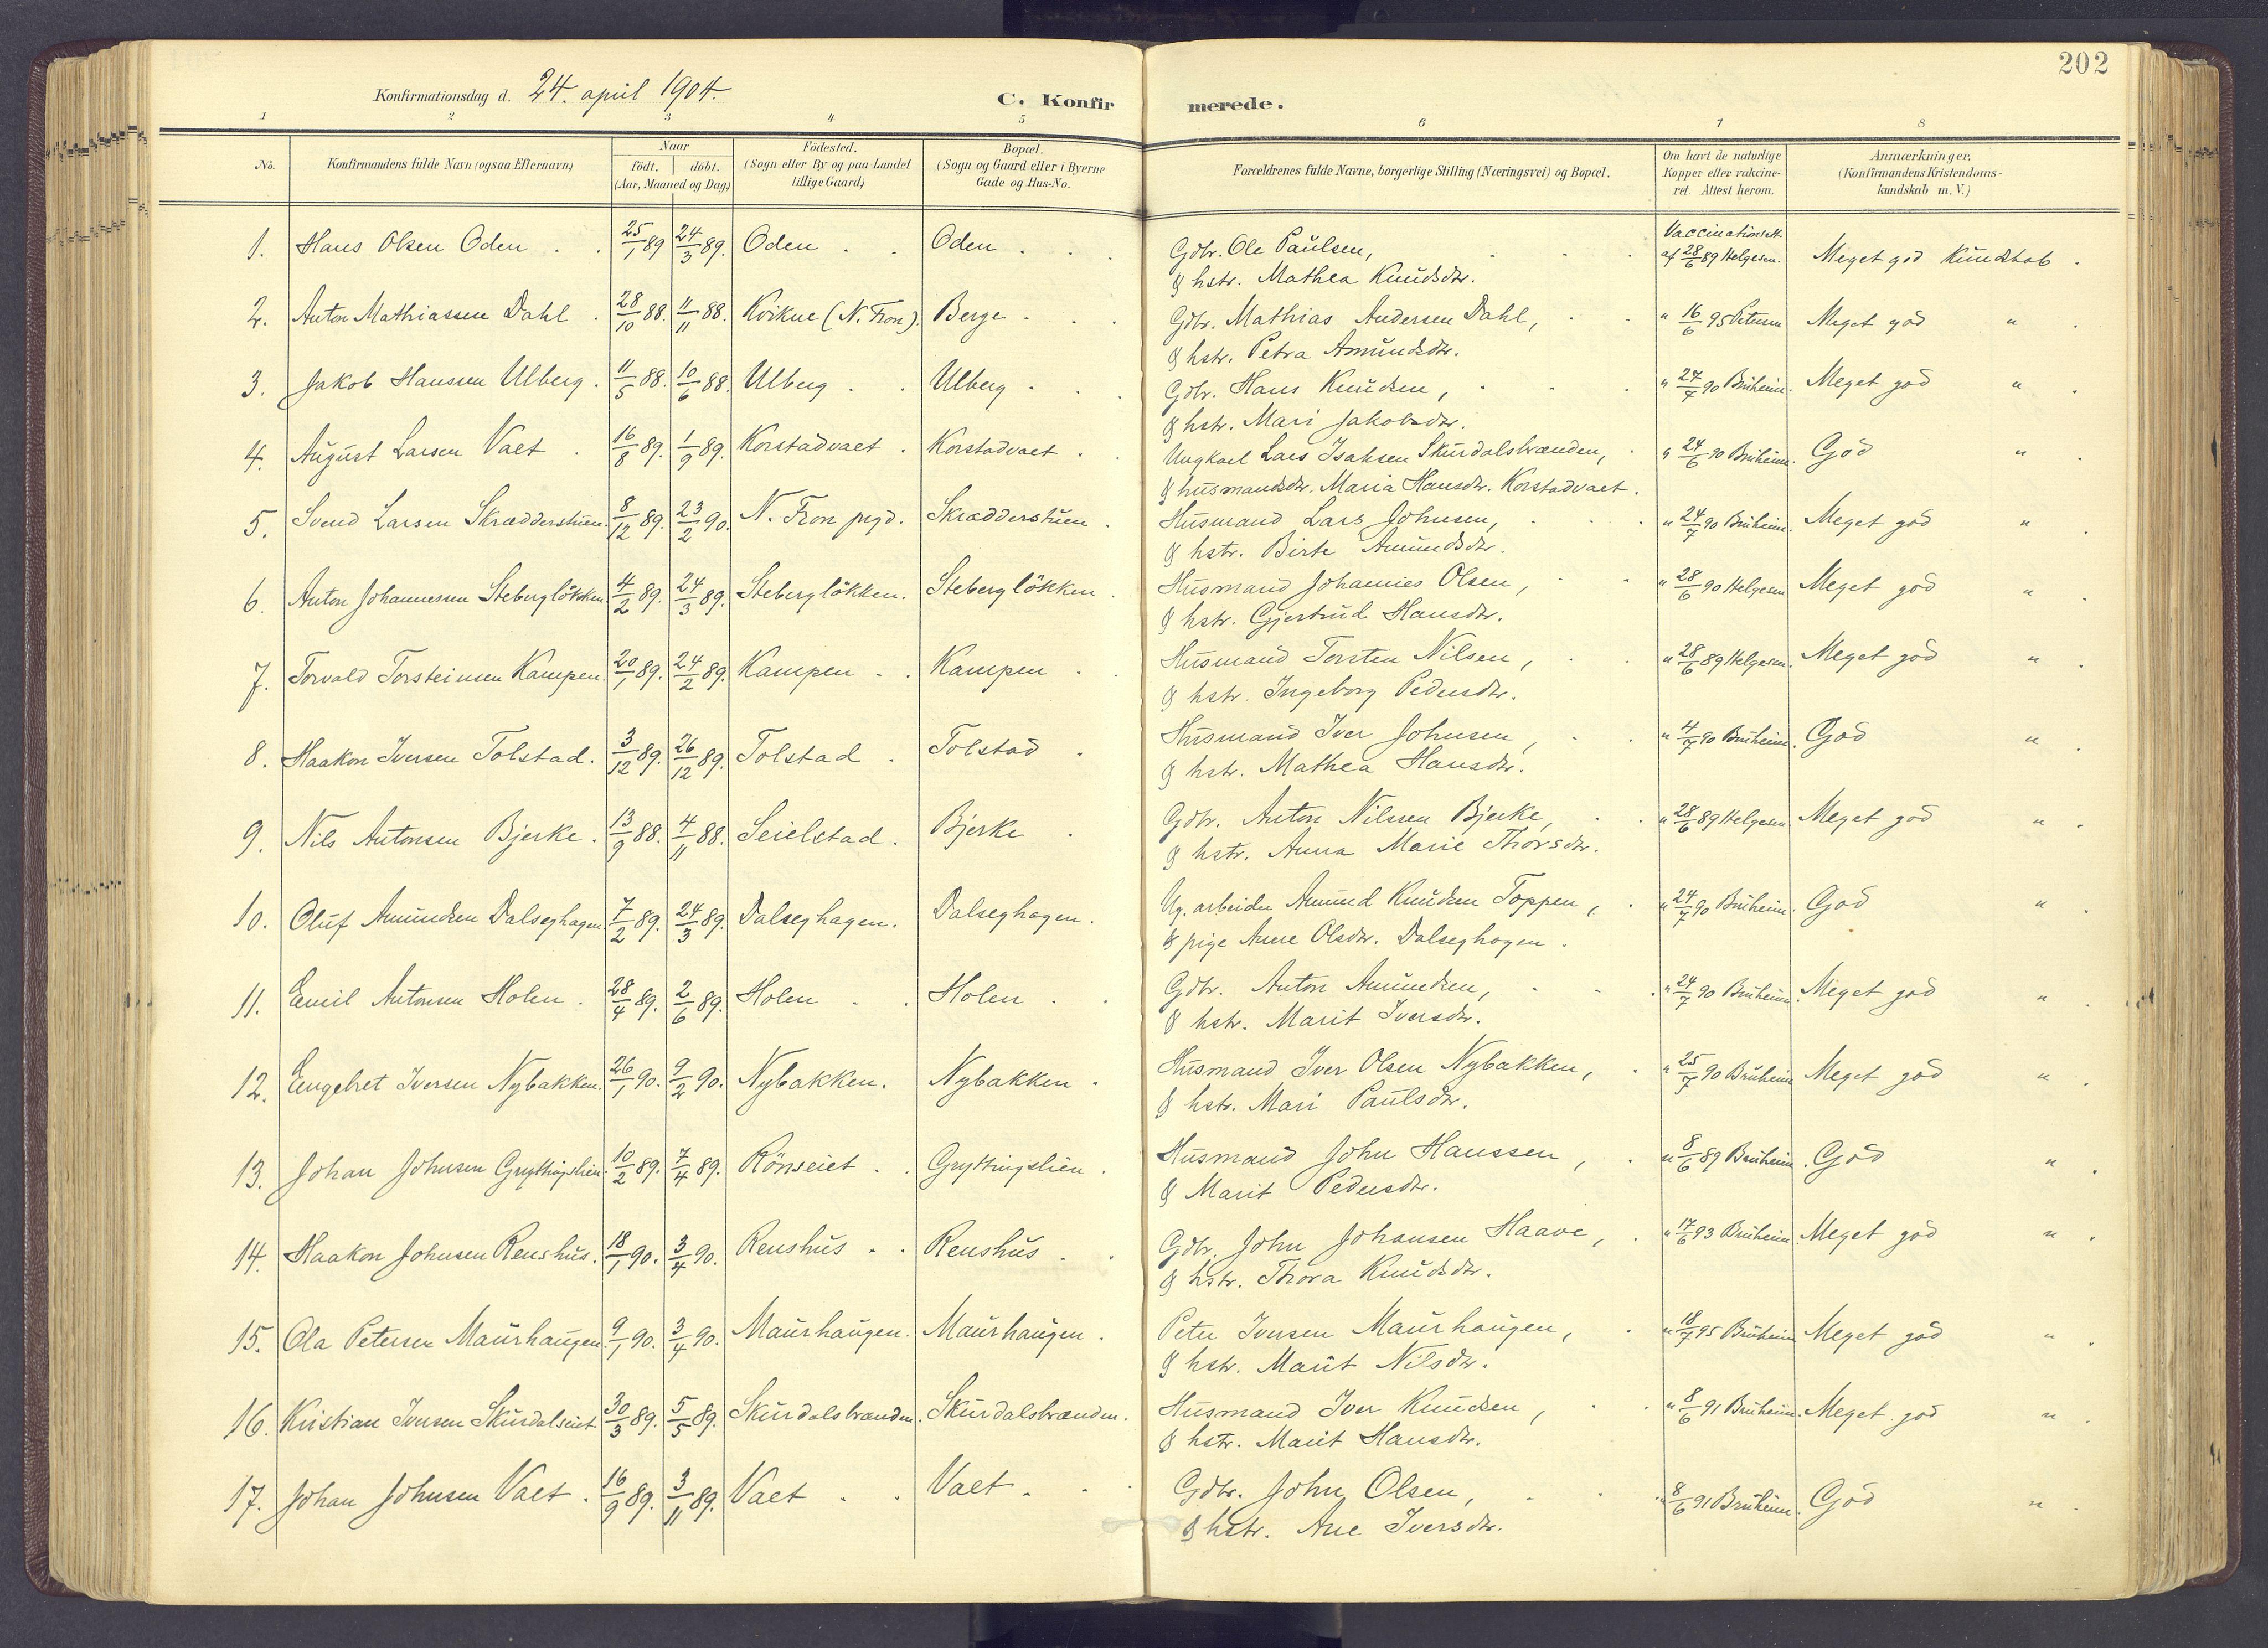 SAH, Sør-Fron prestekontor, H/Ha/Haa/L0004: Parish register (official) no. 4, 1898-1919, p. 202